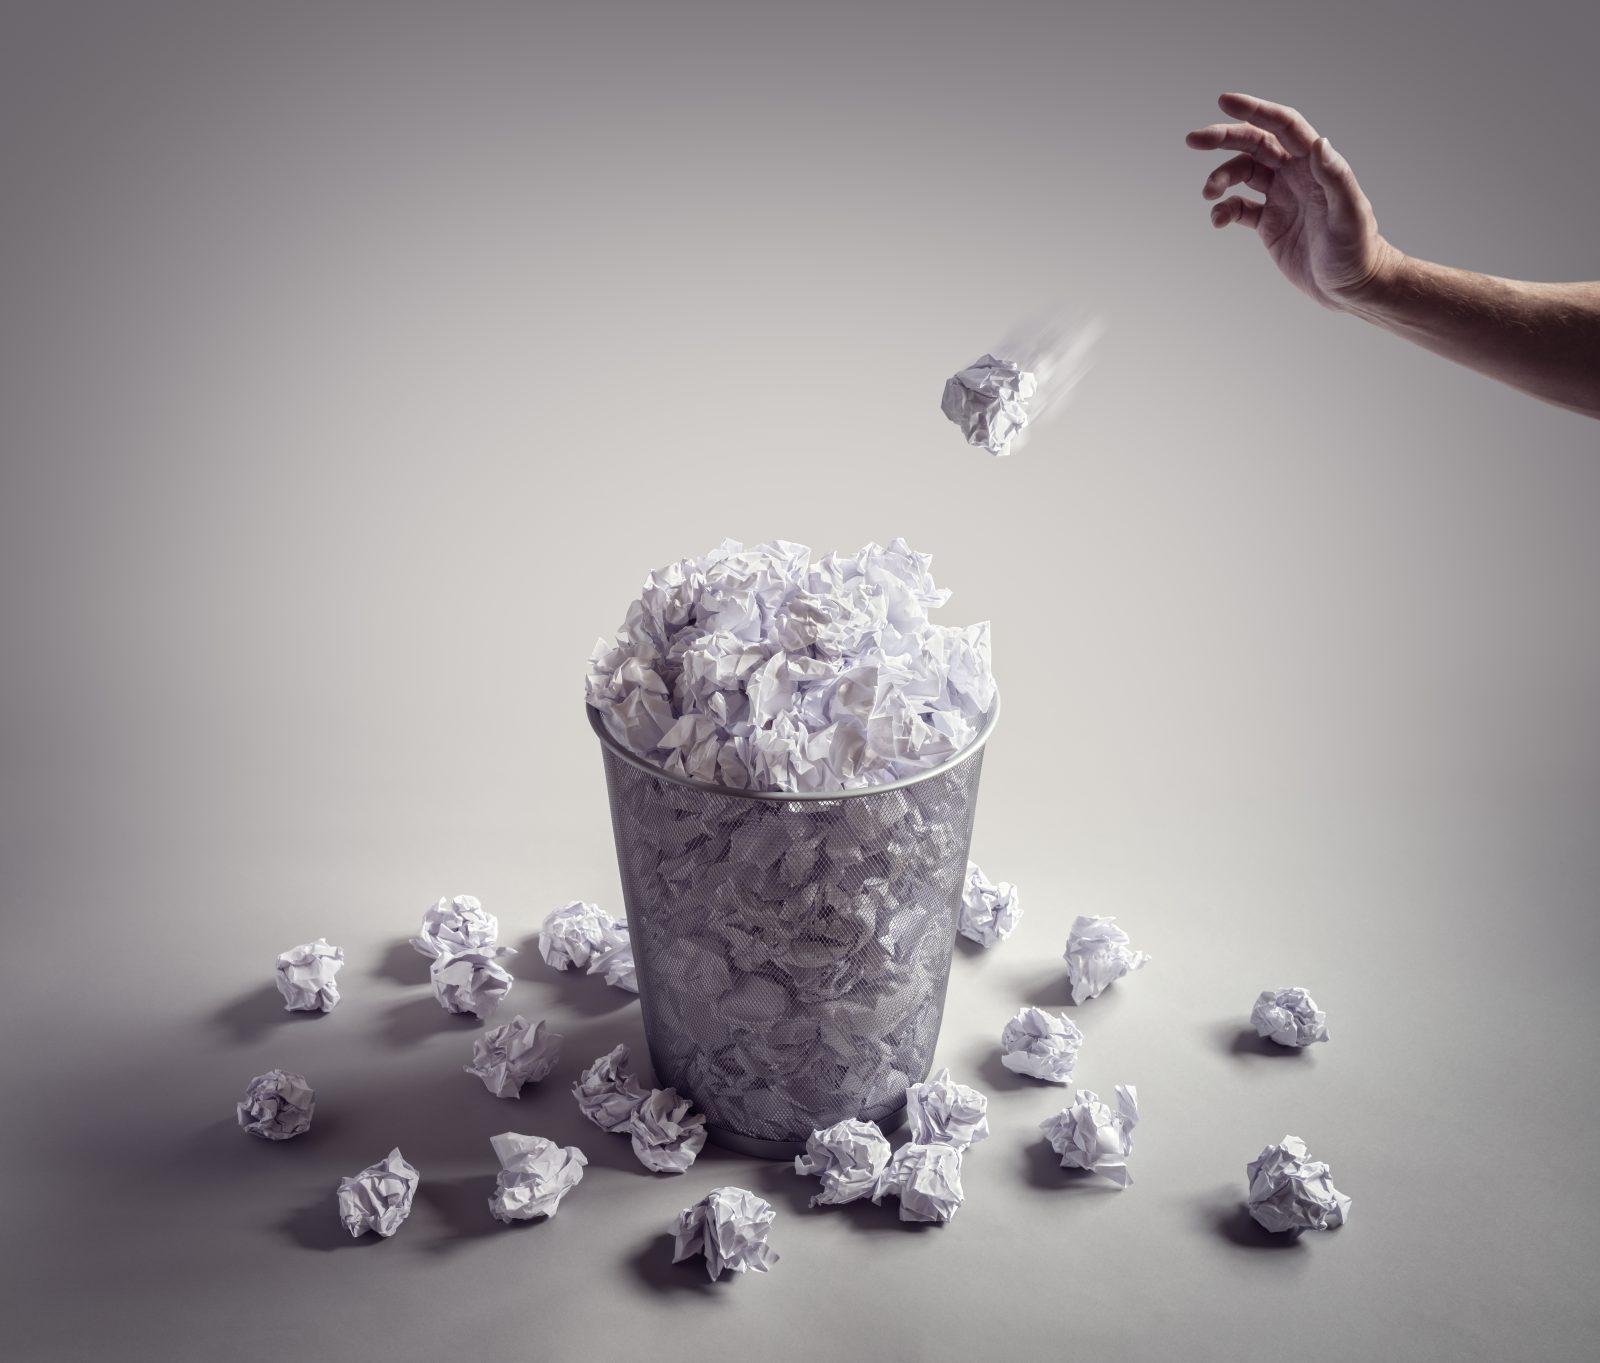 [object object] - Post senza errori Ecco come fare - Post senza errori? Ecco come fare!